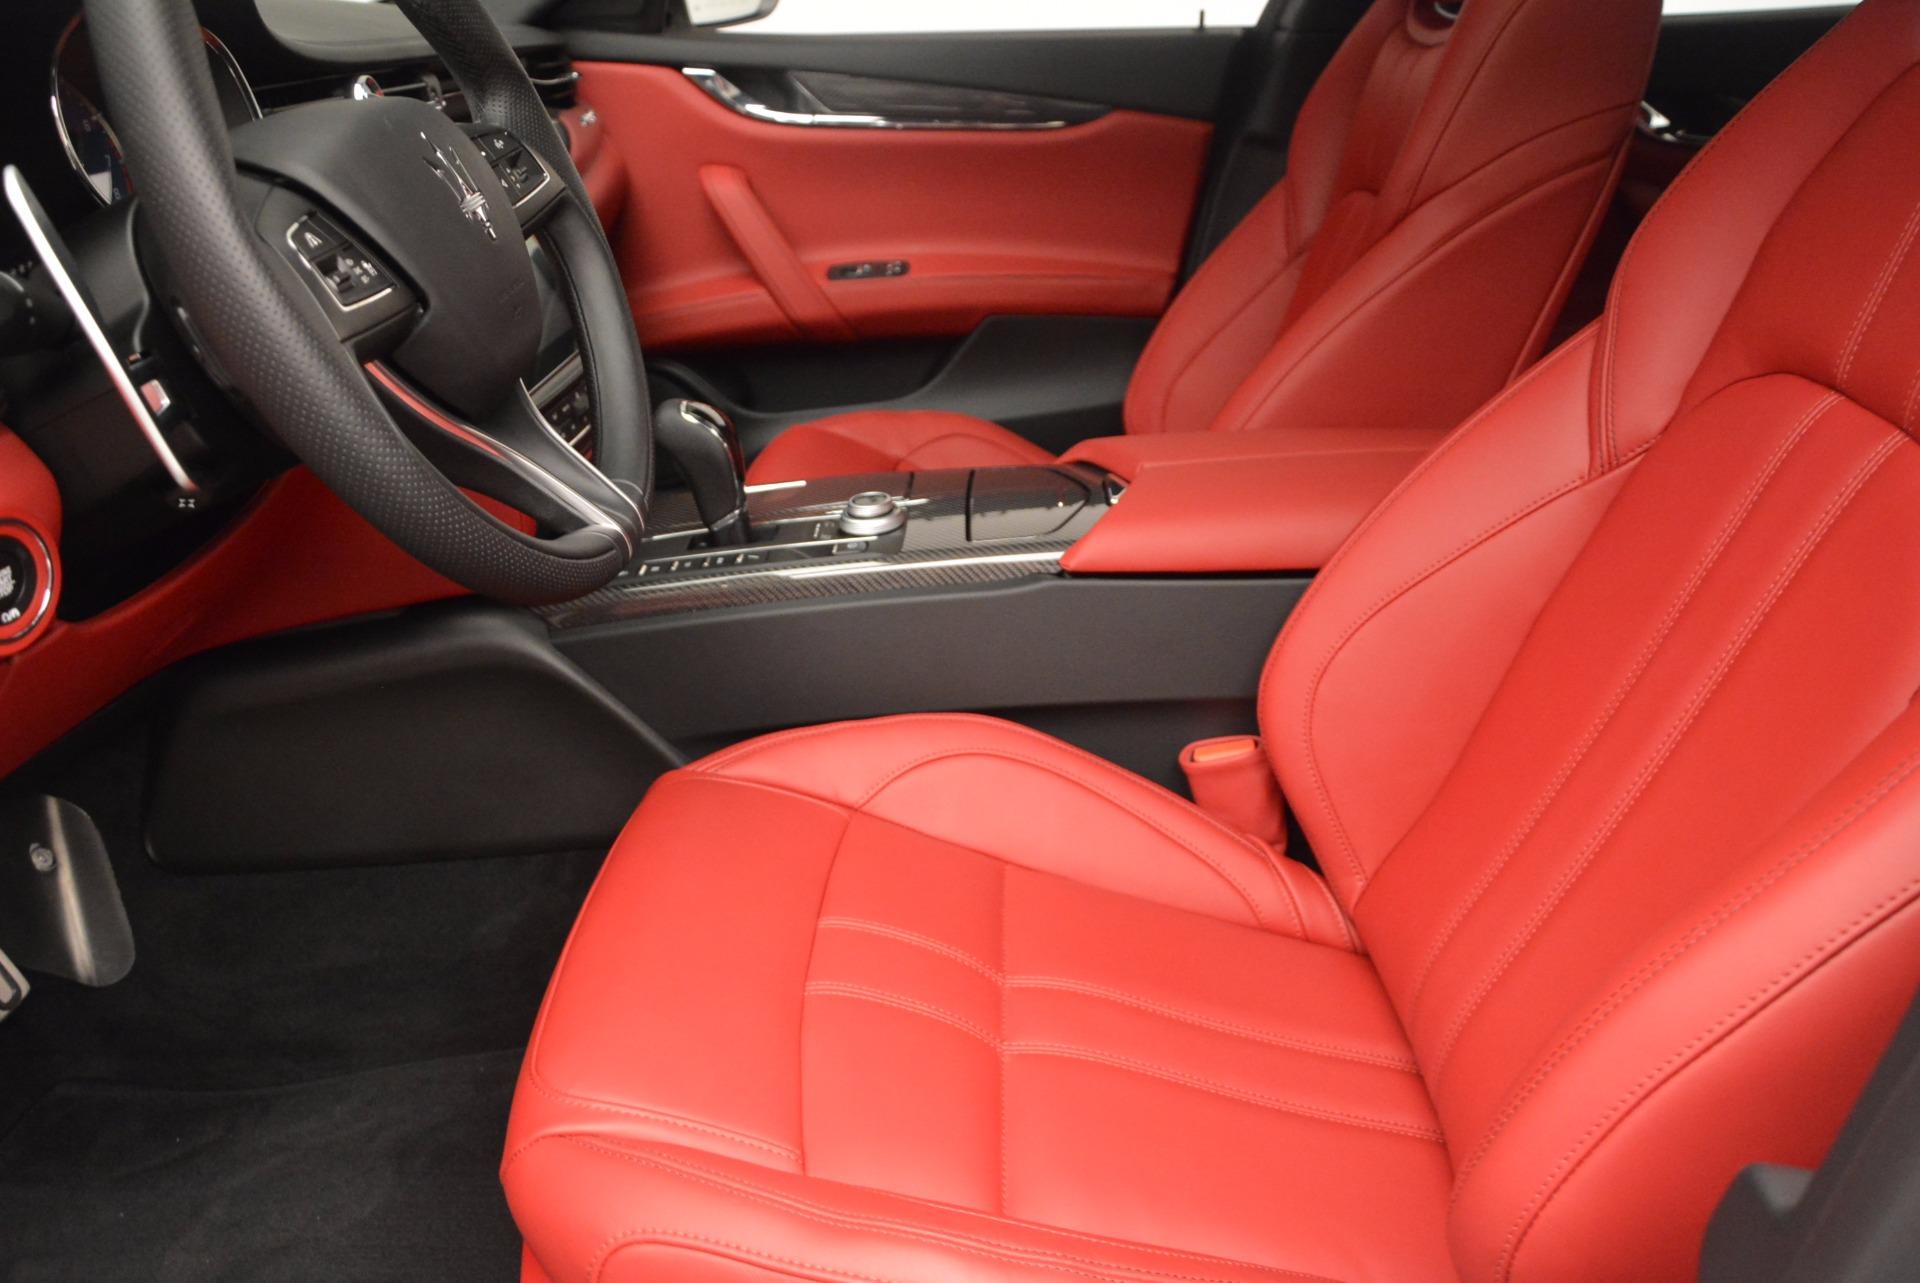 New 2017 Maserati Quattroporte S Q4 GranSport For Sale In Greenwich, CT 960_p14